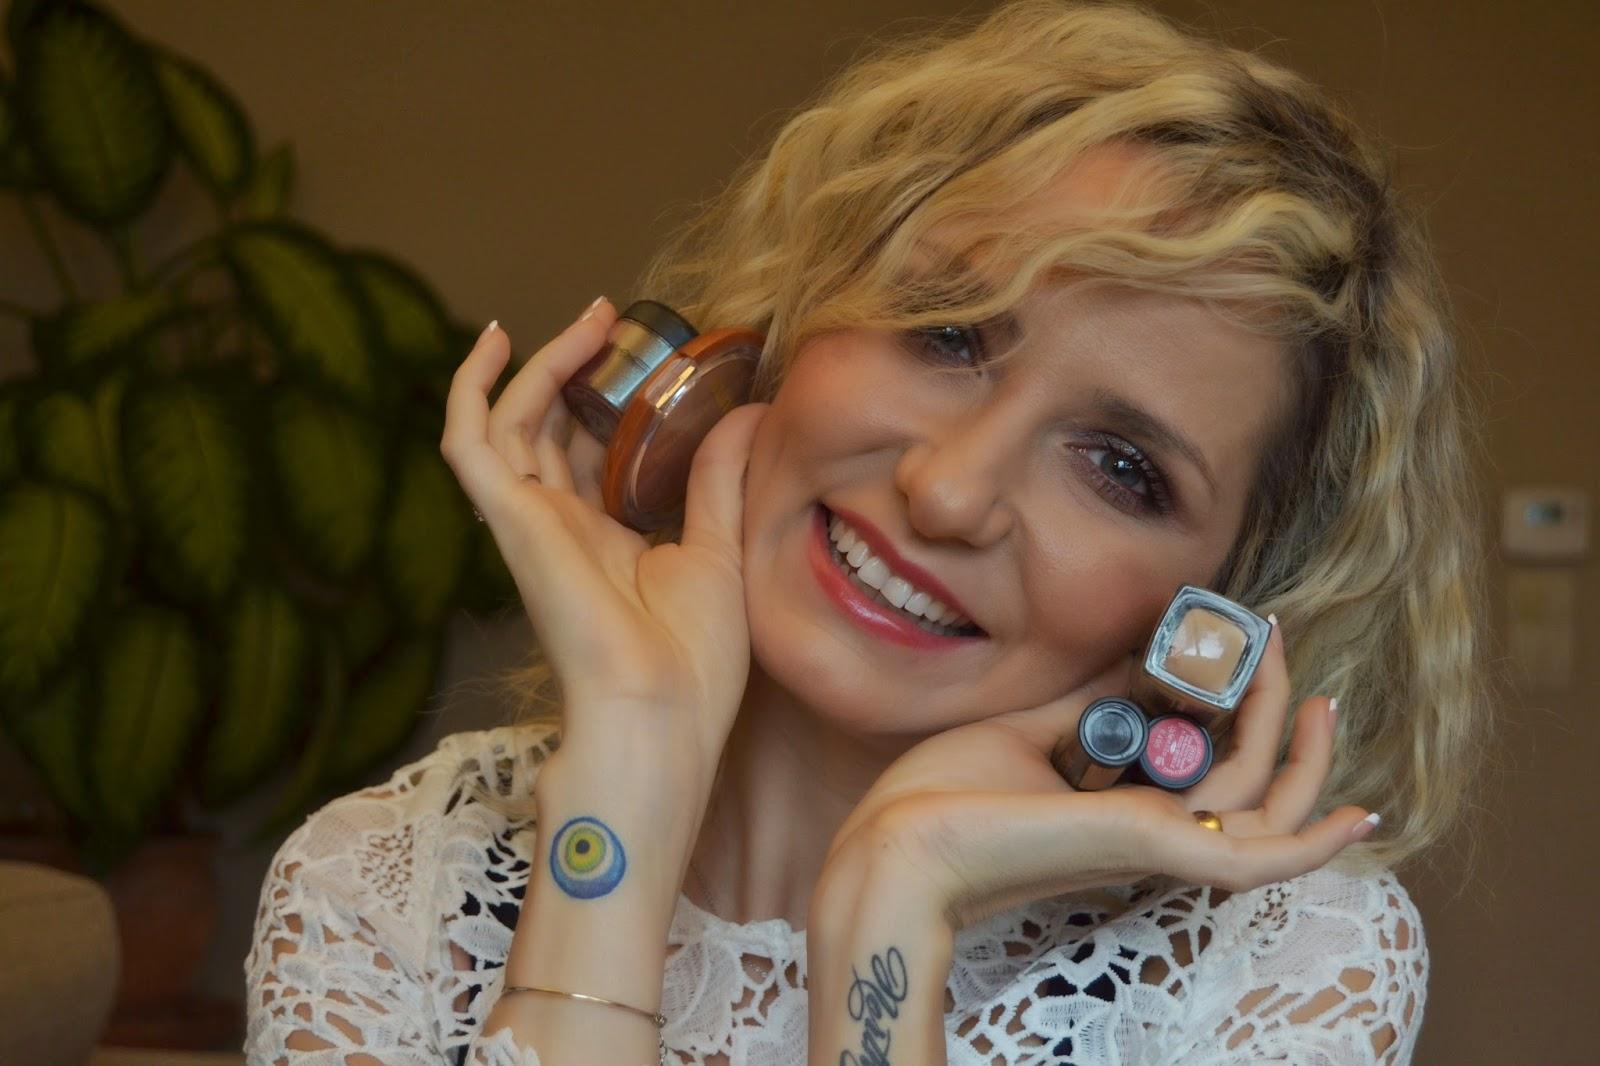 türk youtuber - makyaj uygulamaları - kozmetik blogları - makyaj blogları - beş ürünle makyaj - loreal - mac cosmetics - yves rocher